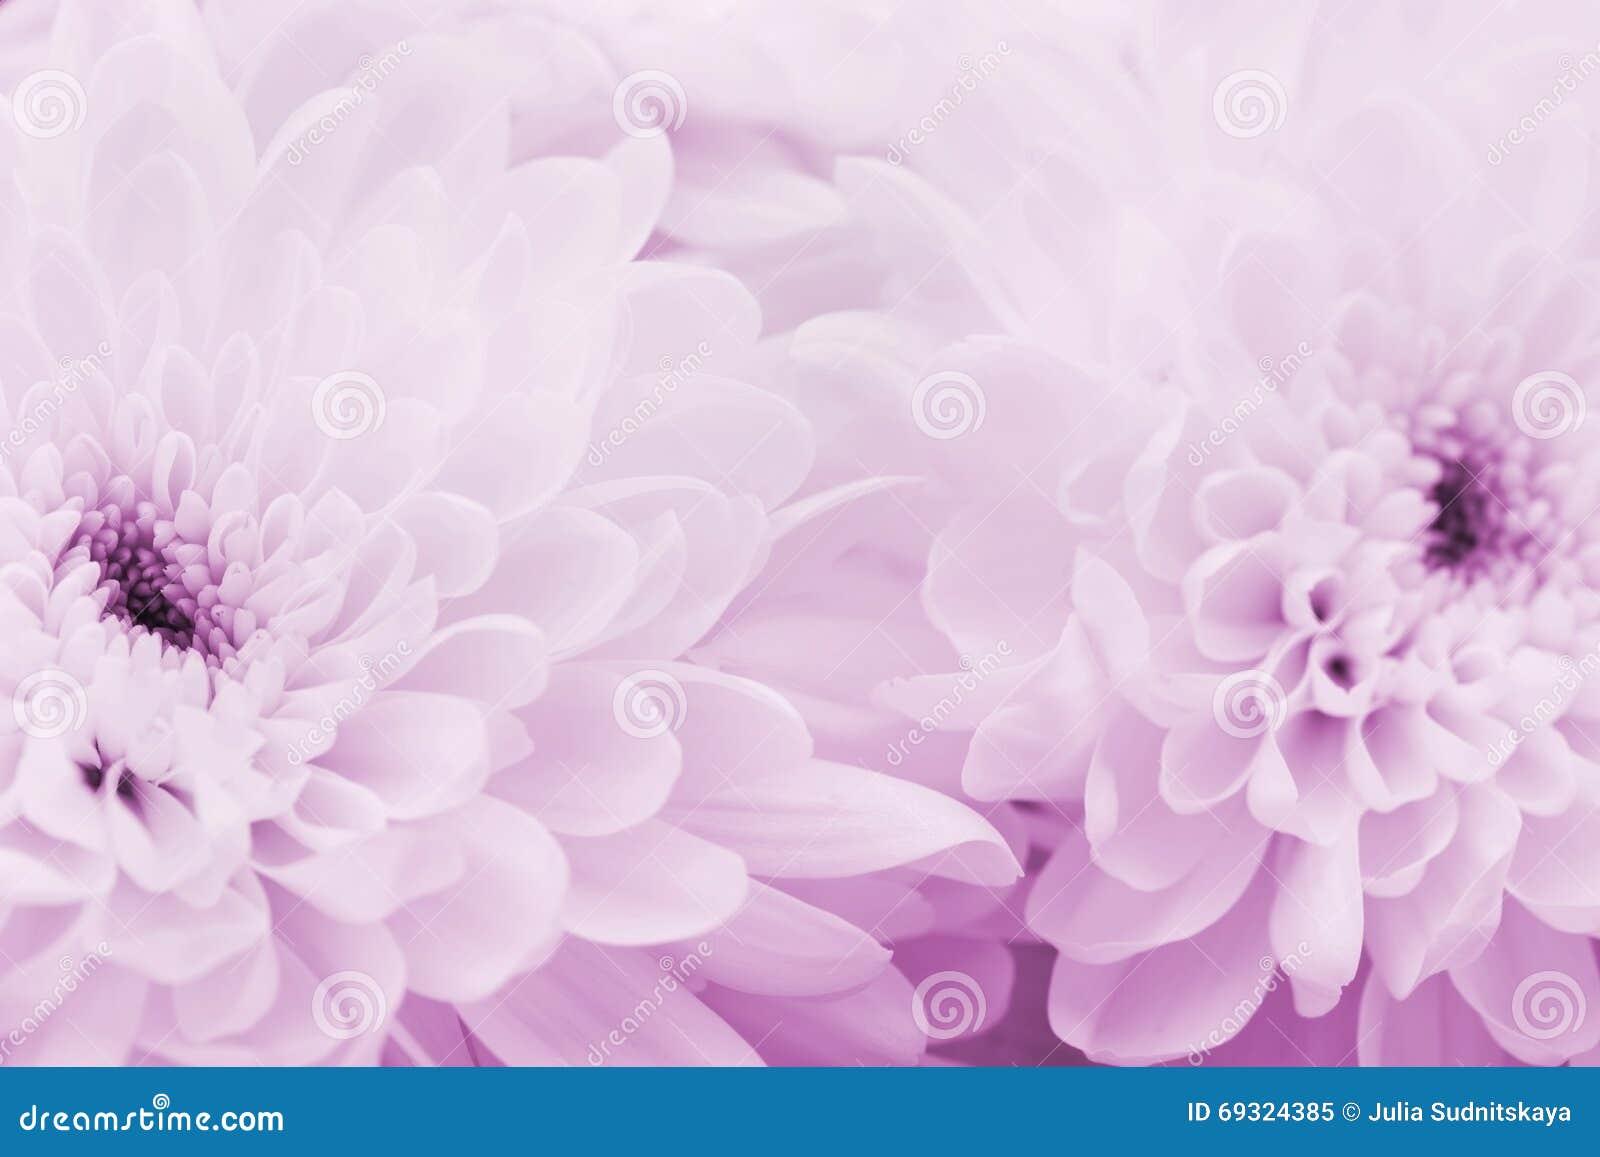 菊花为背景,美好的花卉纹理,减速火箭定调子,桃红色颜色开花